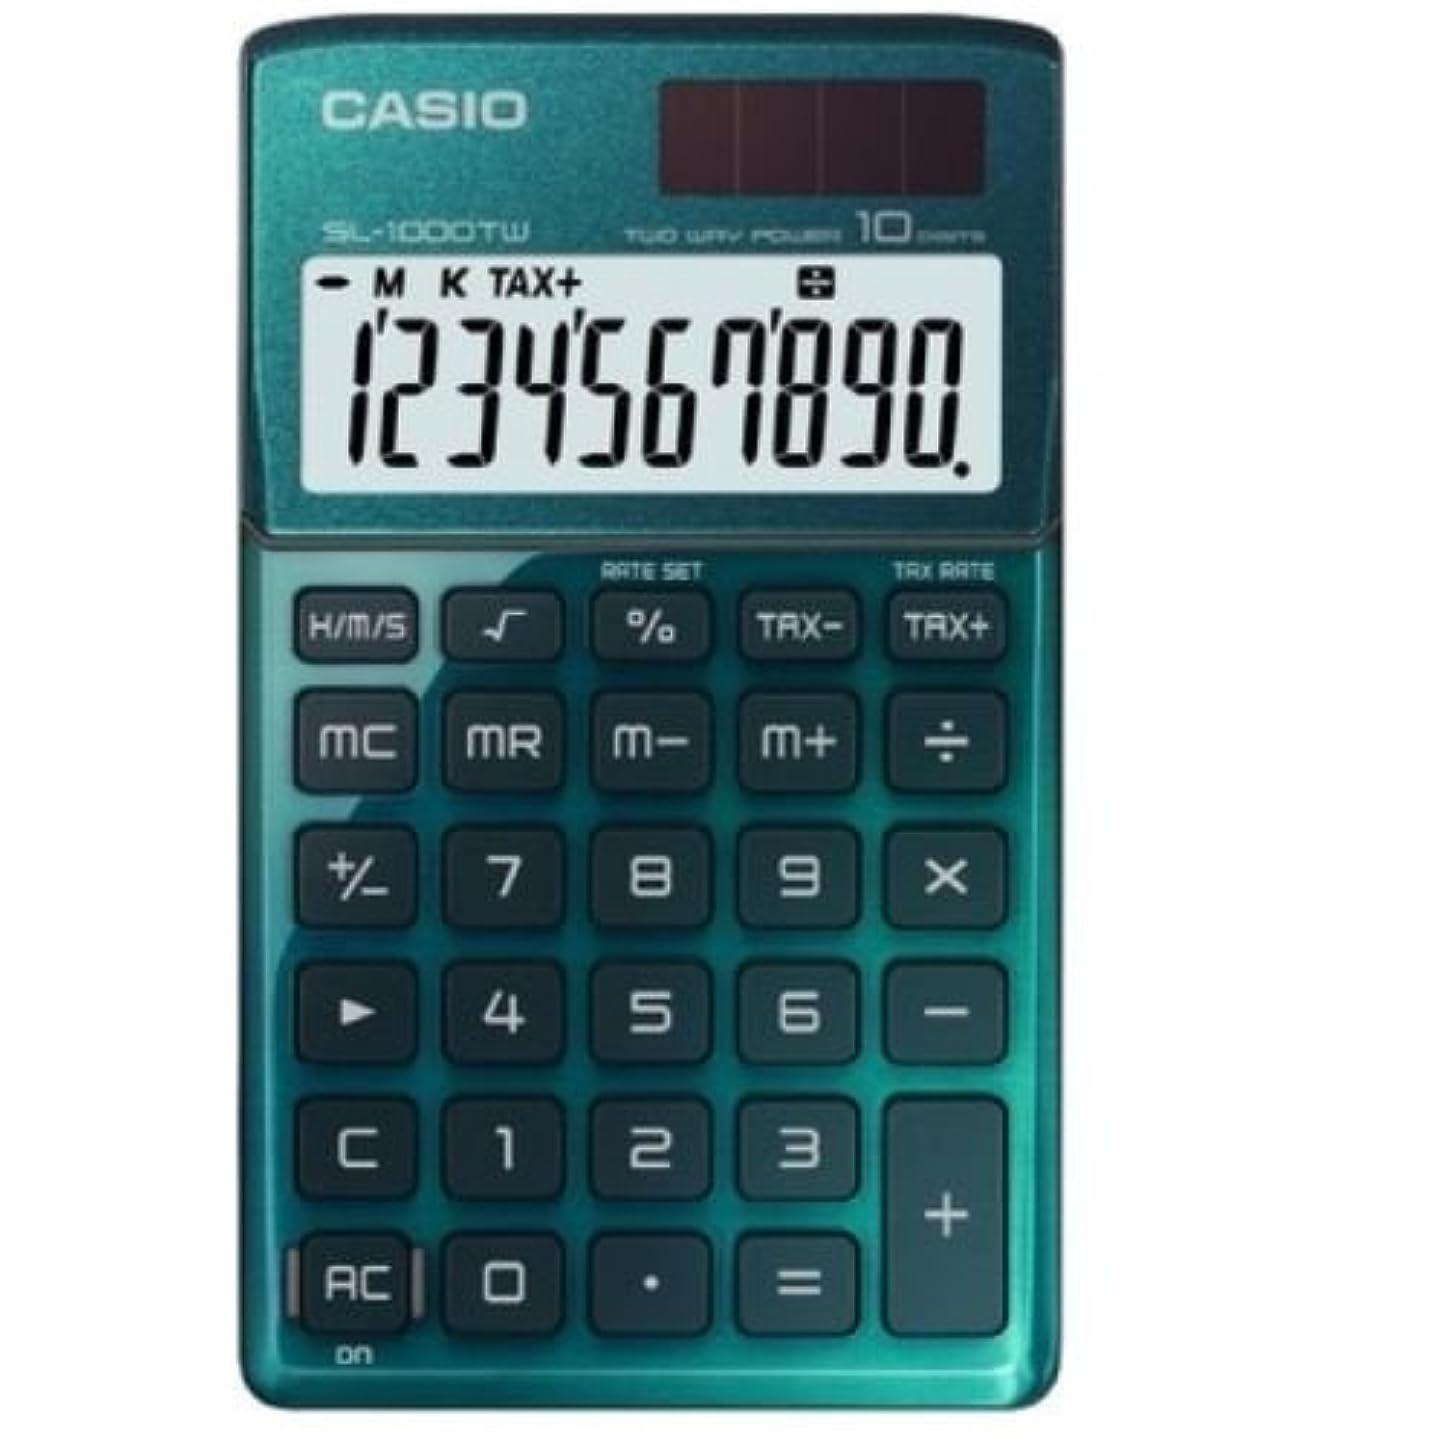 休み王女くまCasio SL-1000TW-GN デスク電卓10桁ビッグLC-表示 SL1000TW グリーン [並行輸入品]